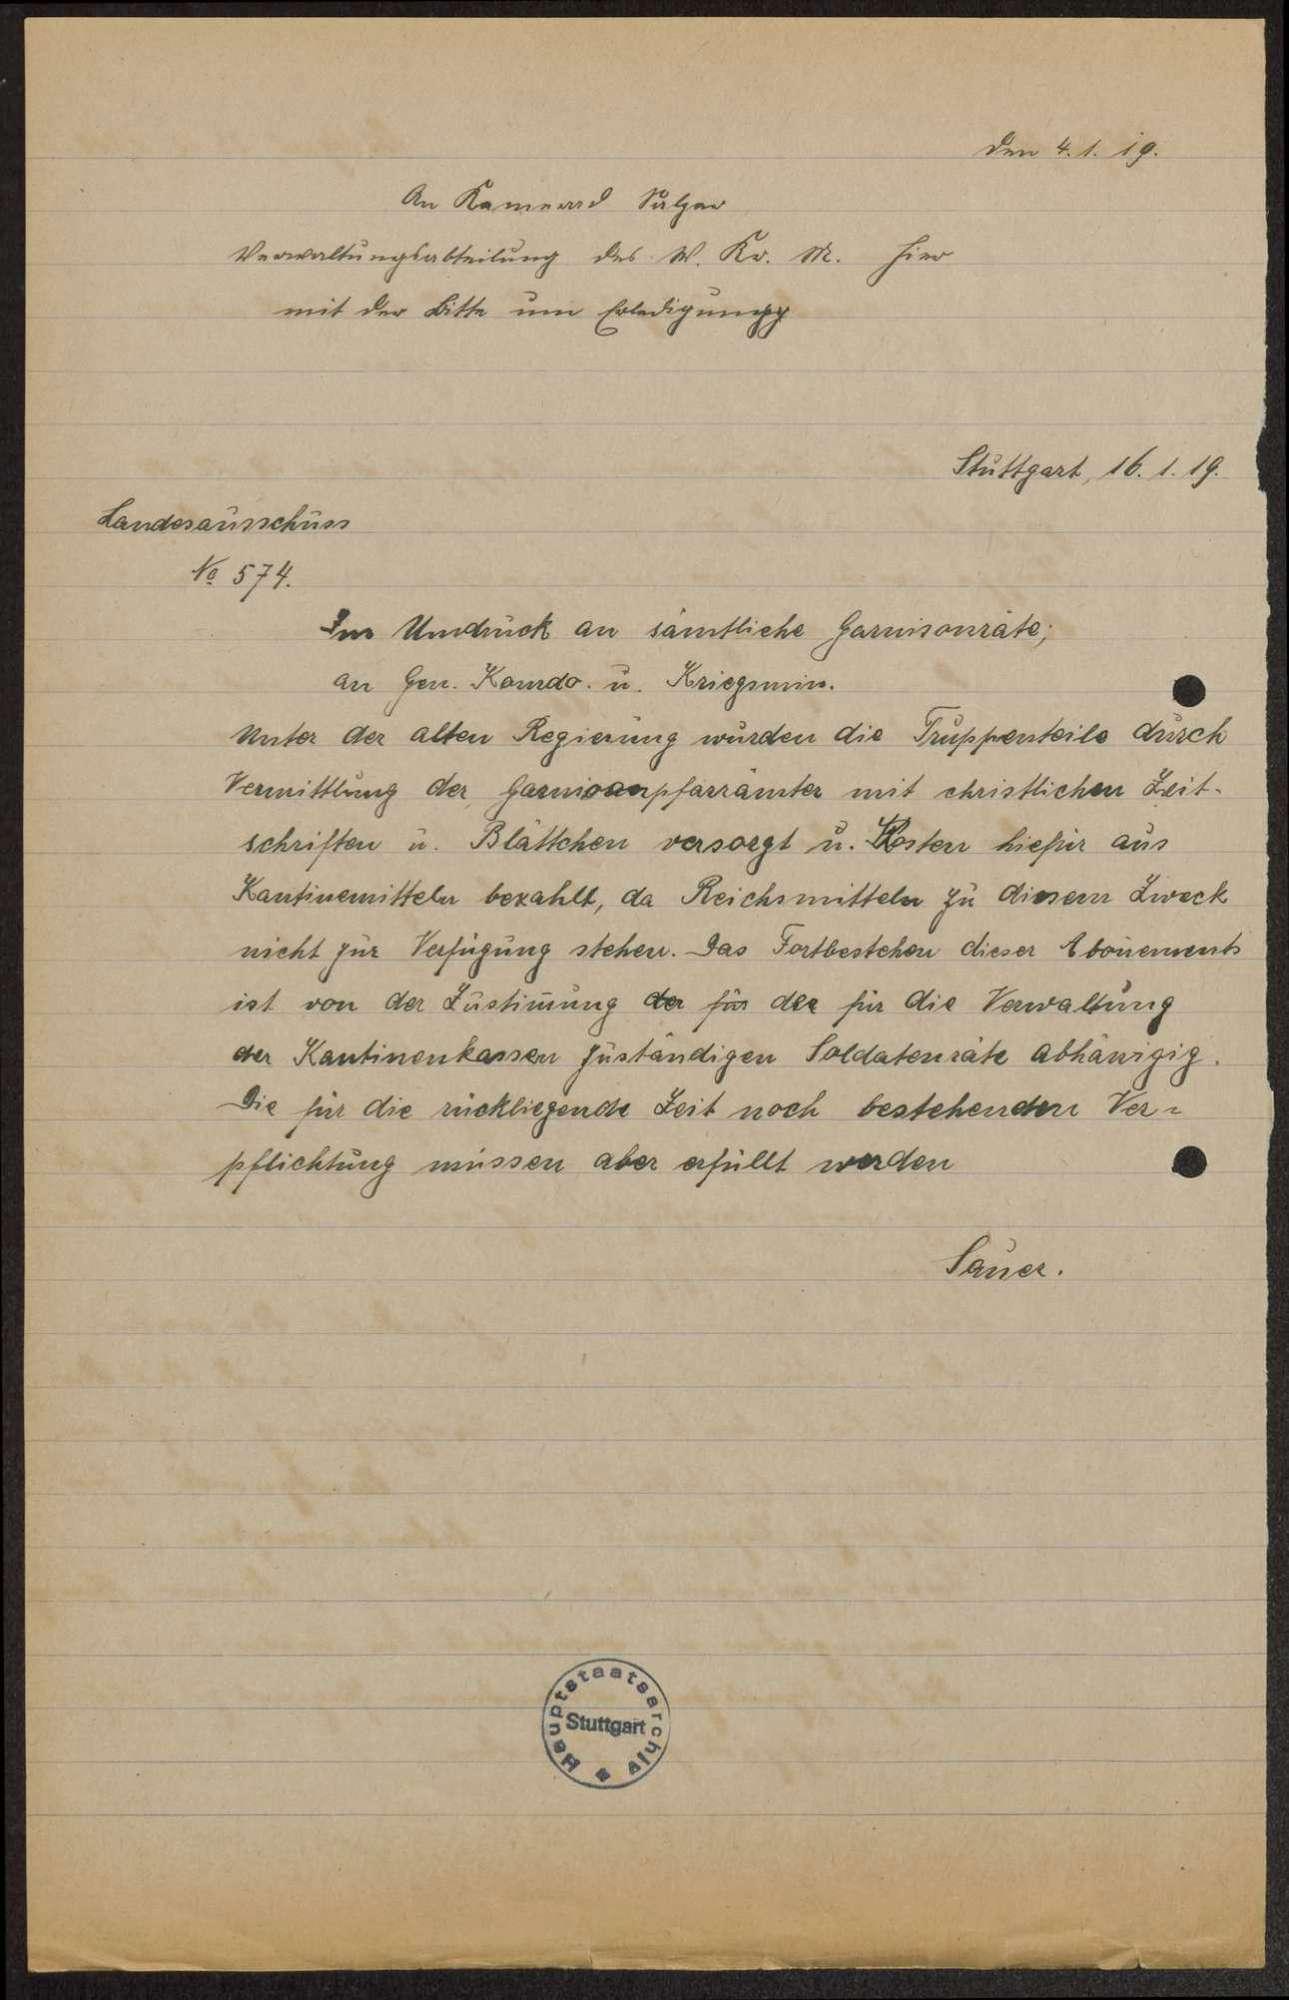 Allgemeine Regelungen für den Bezug kirchlicher Schriften und die Sicherung und Sichtung der Militärbibliotheken, Bild 2